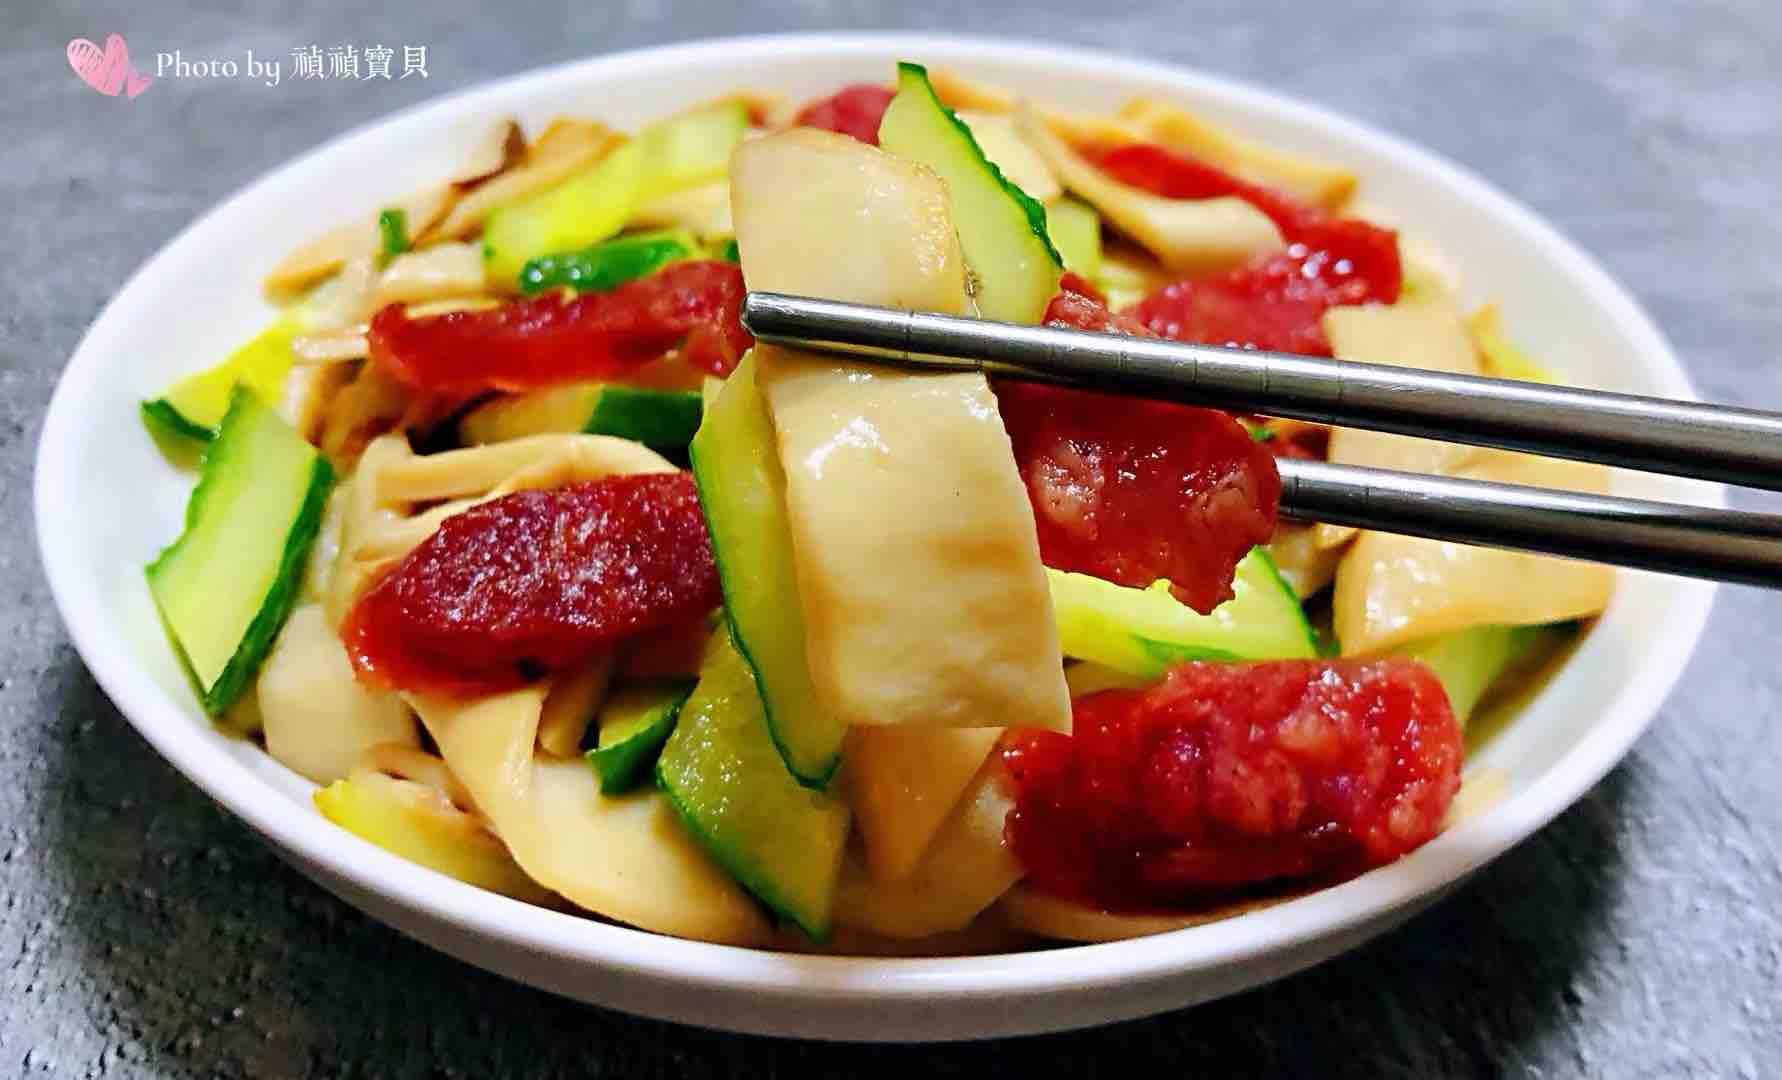 腊肠黄瓜炒杏鲍菇怎样做